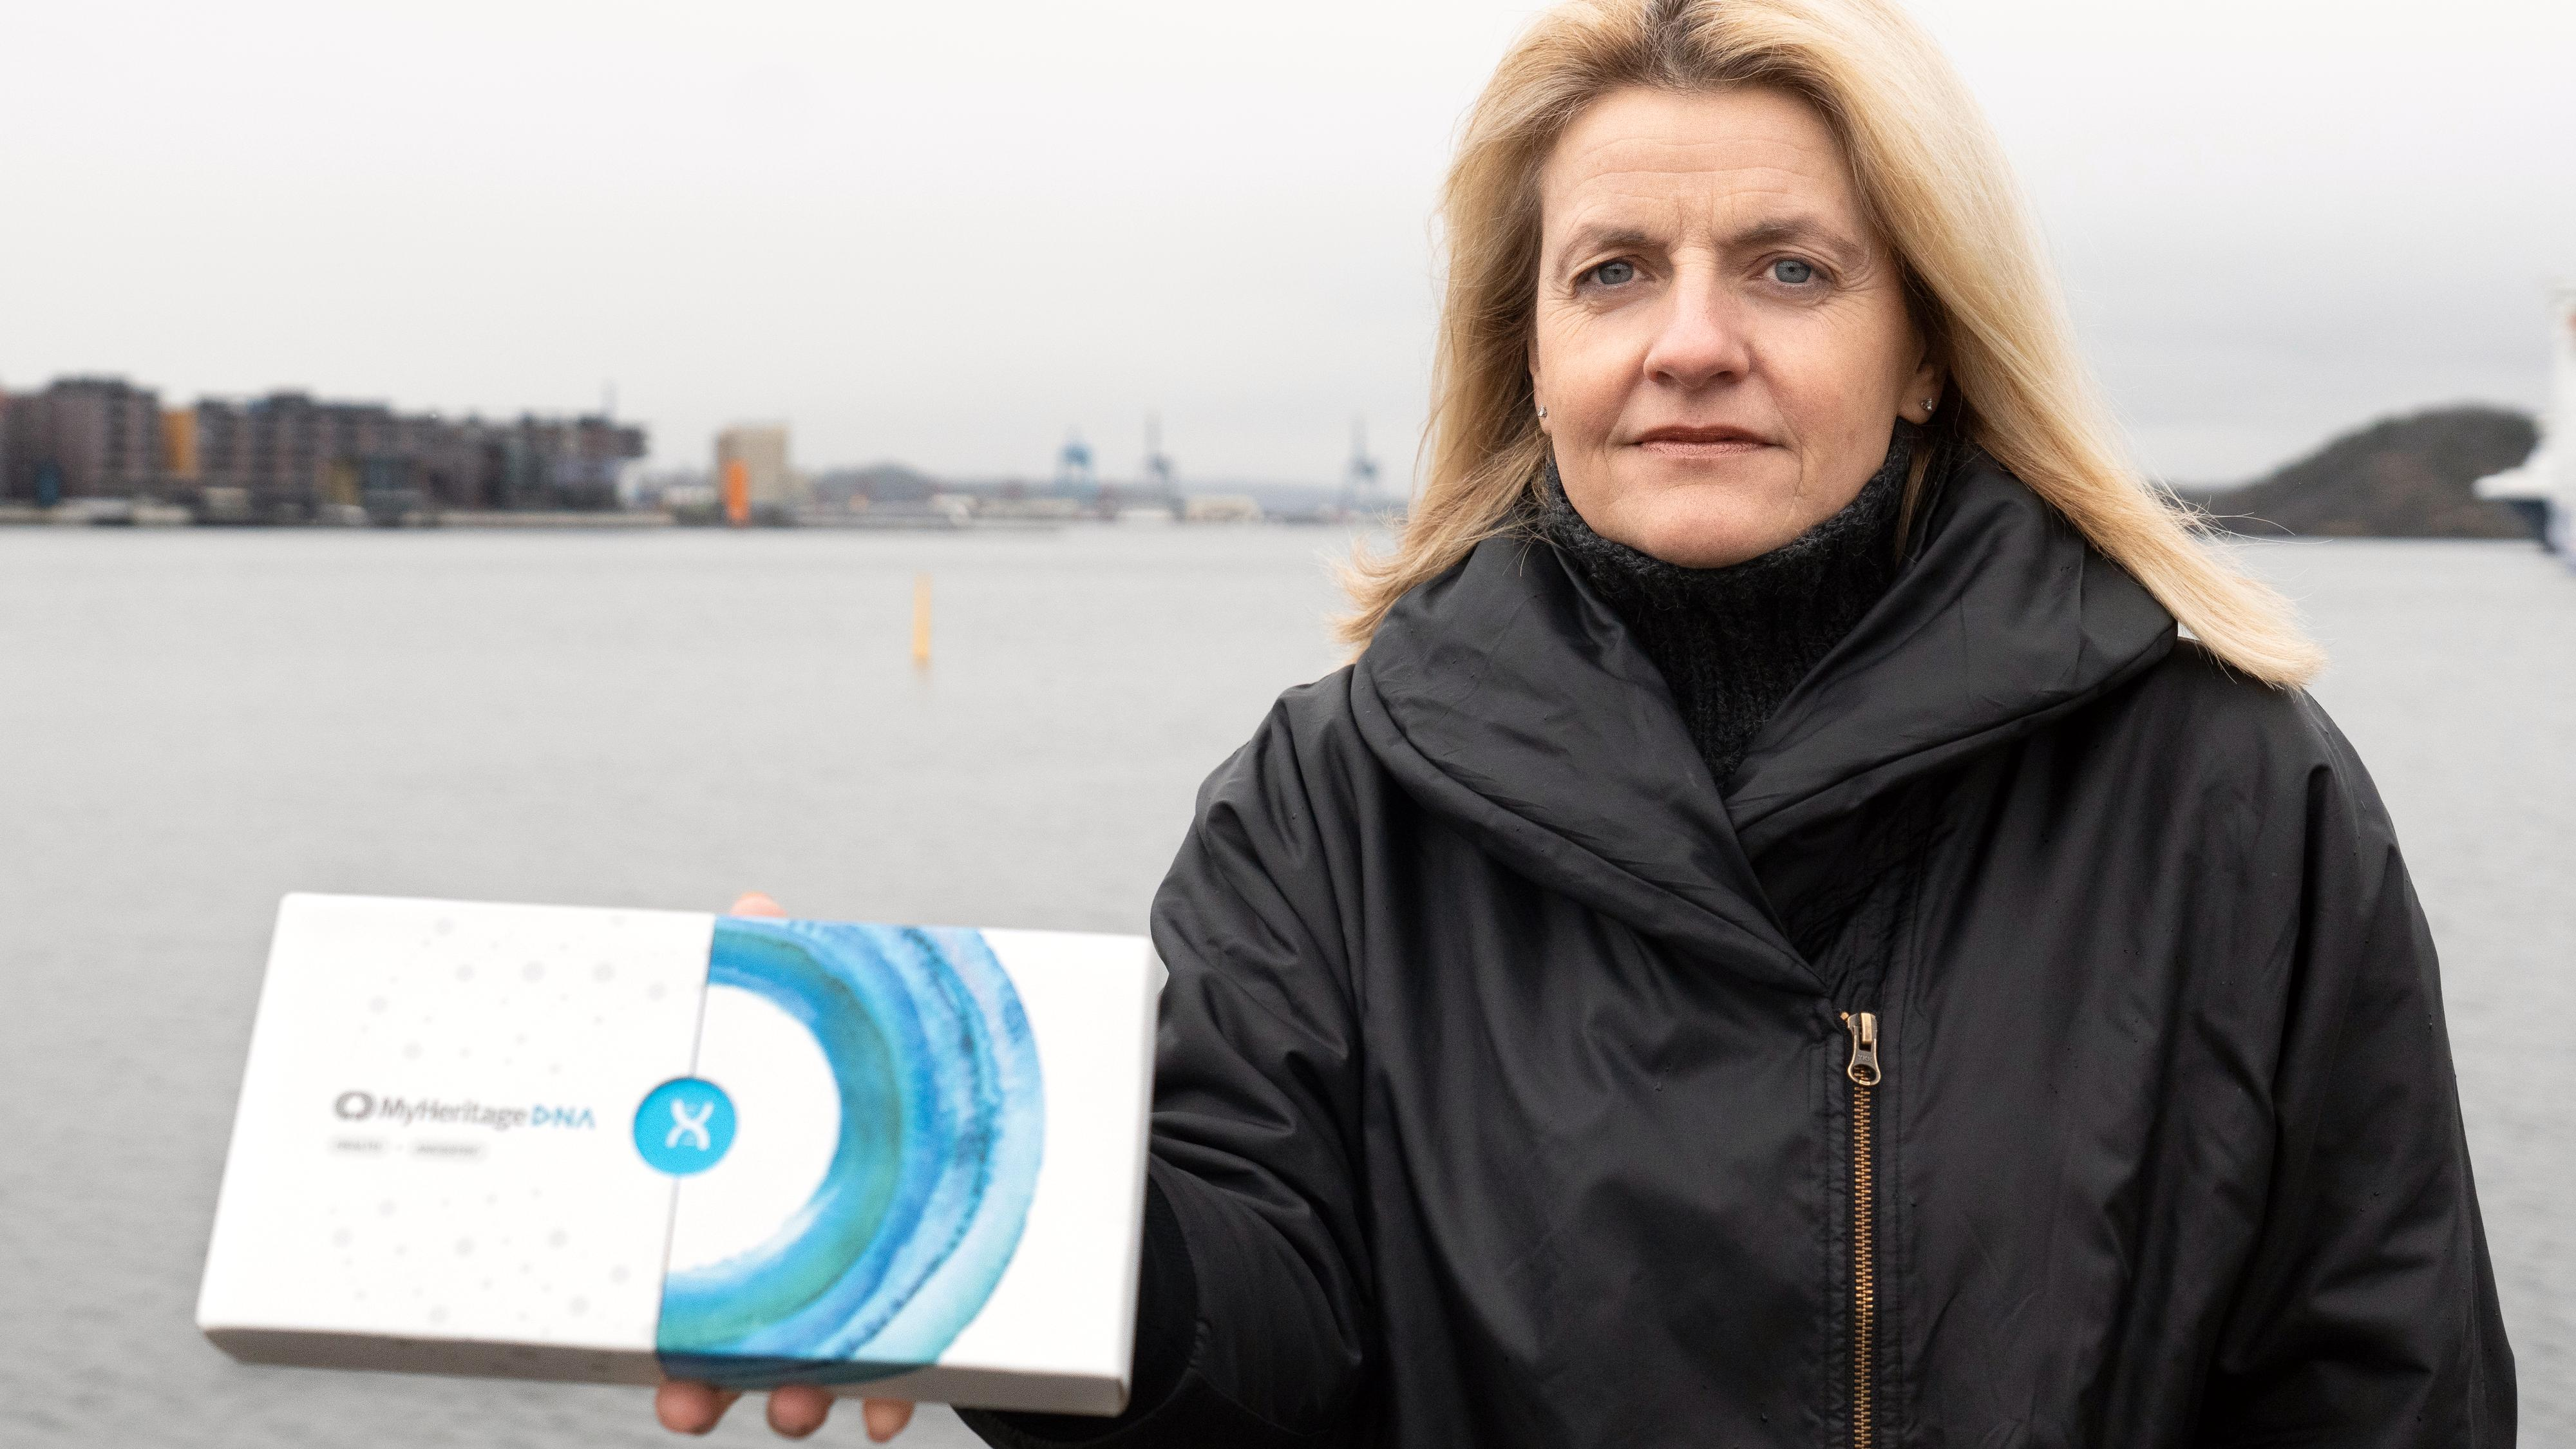 Forbrukerrådets direktør Inger Lise Blyverket med en gentest fra MyHeritage.